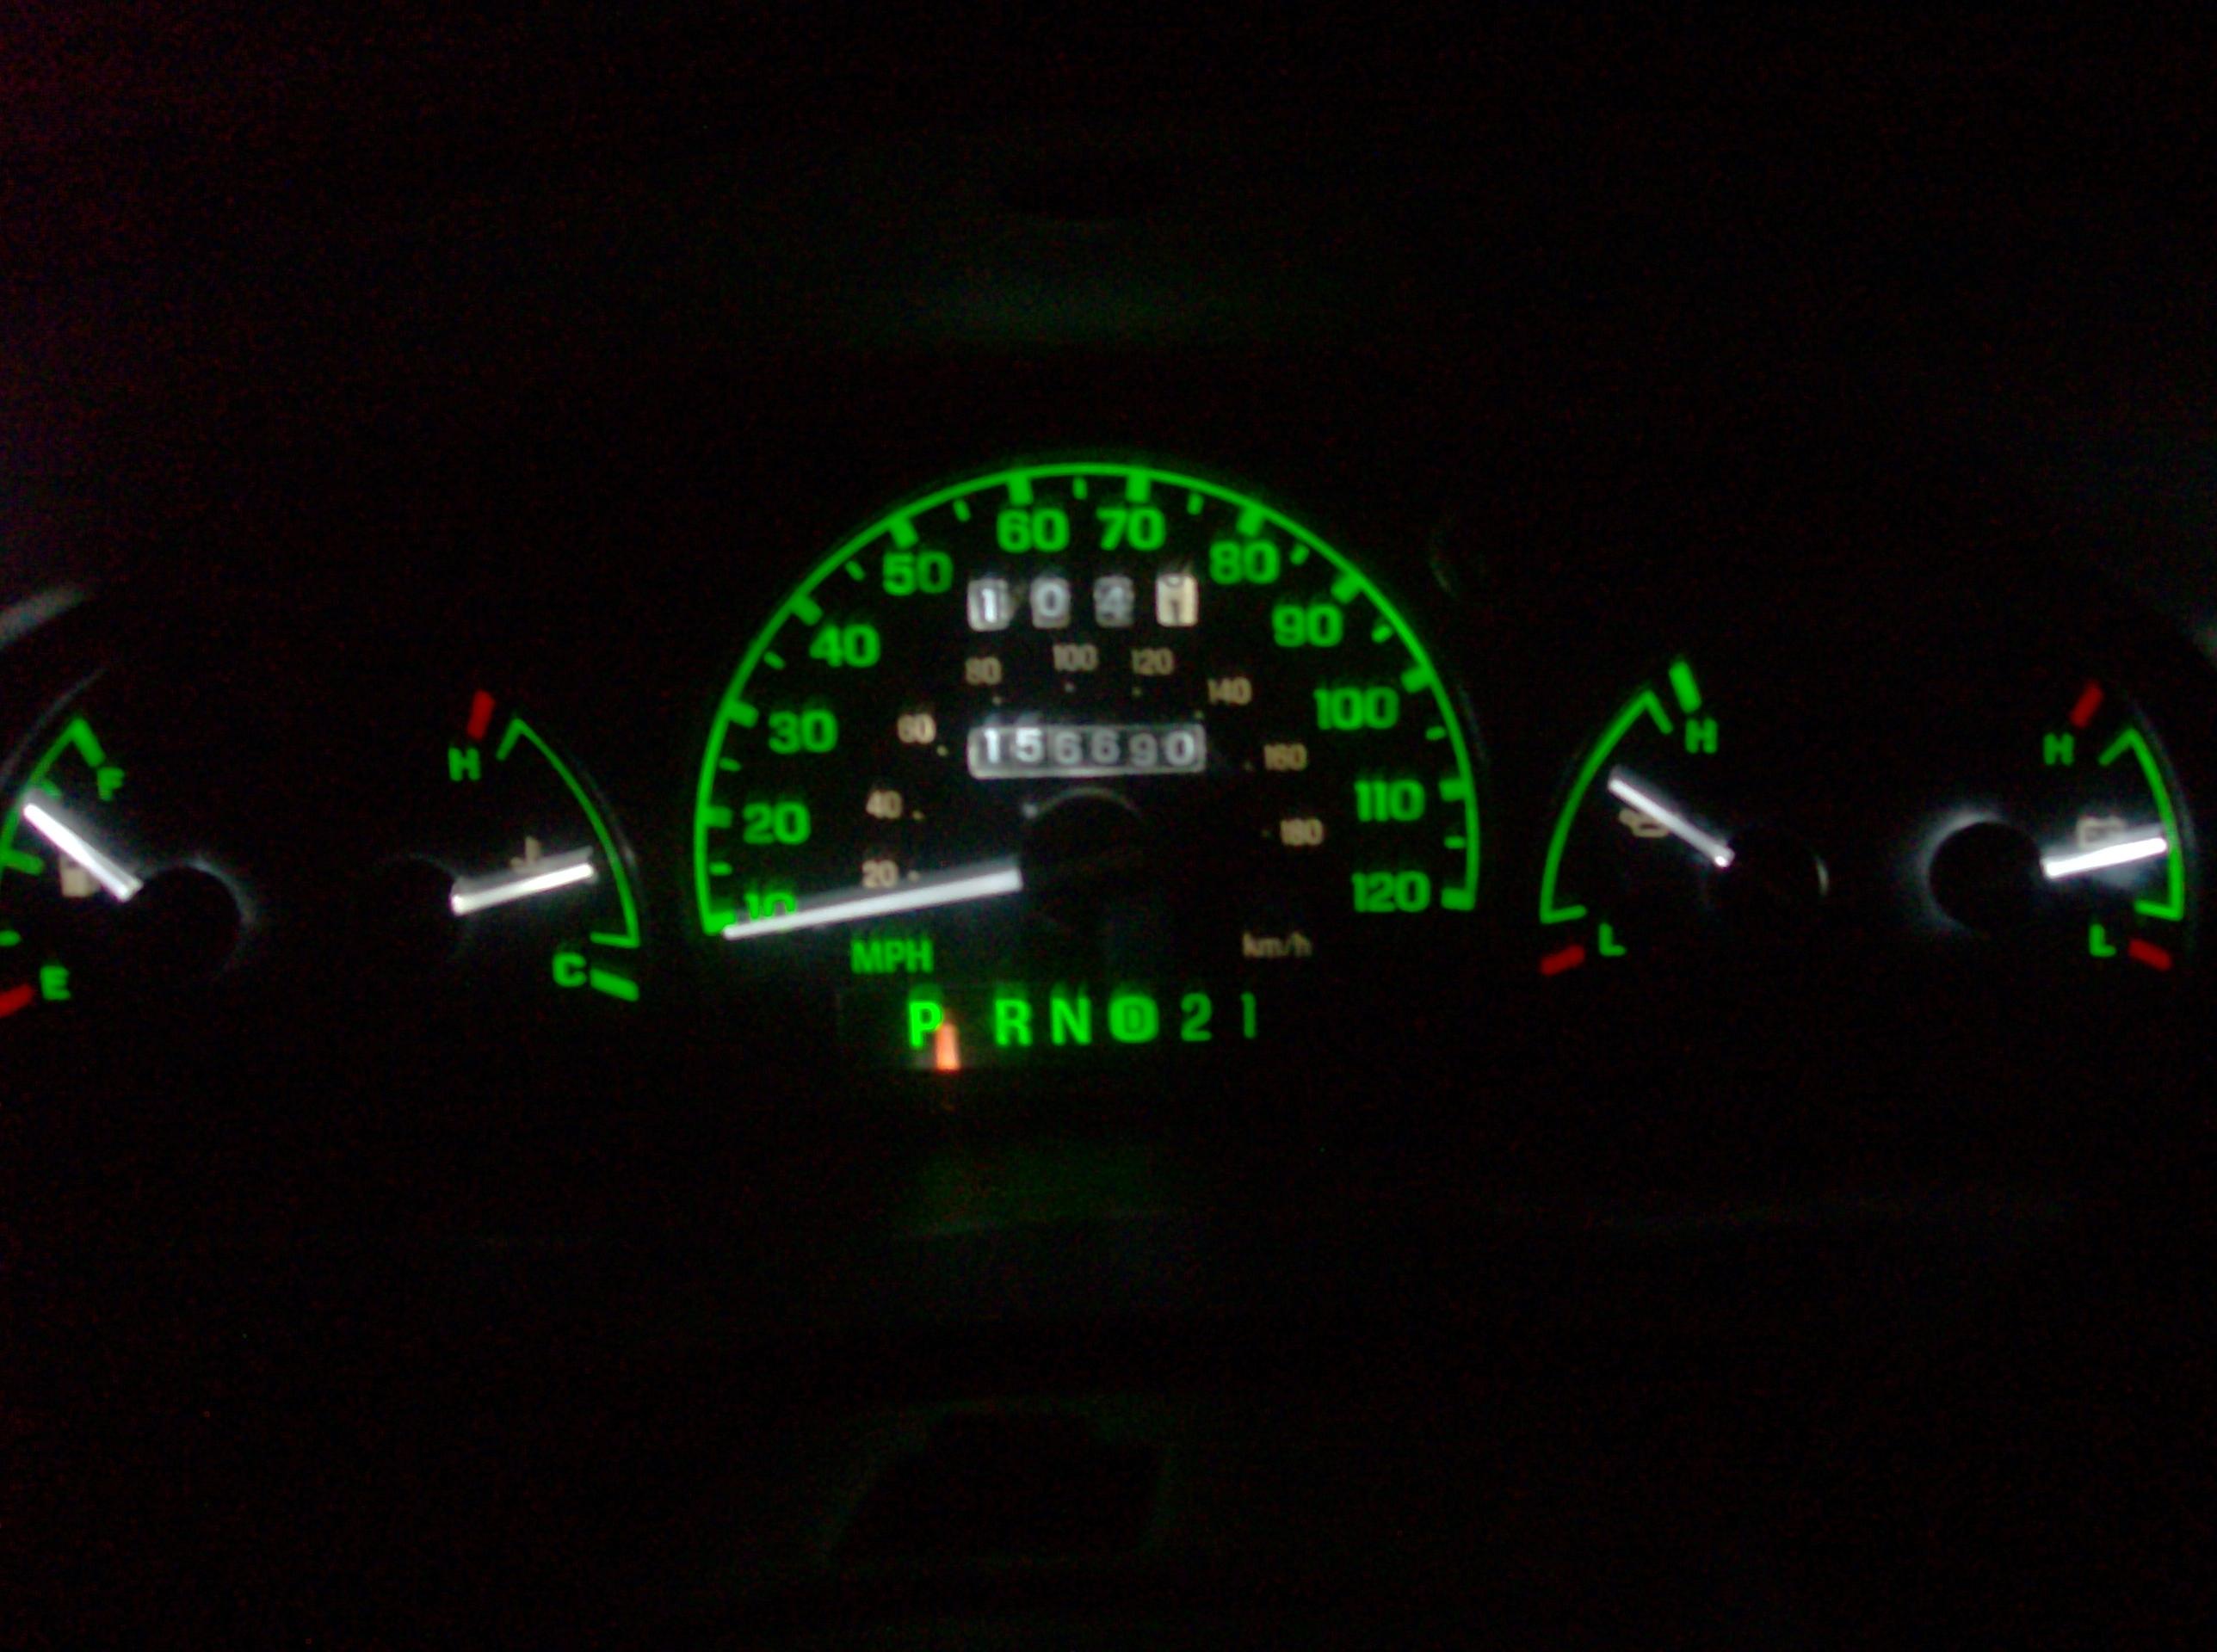 Replacing Lights for '98 Ford Ranger Instrument Cluster: 9 Steps